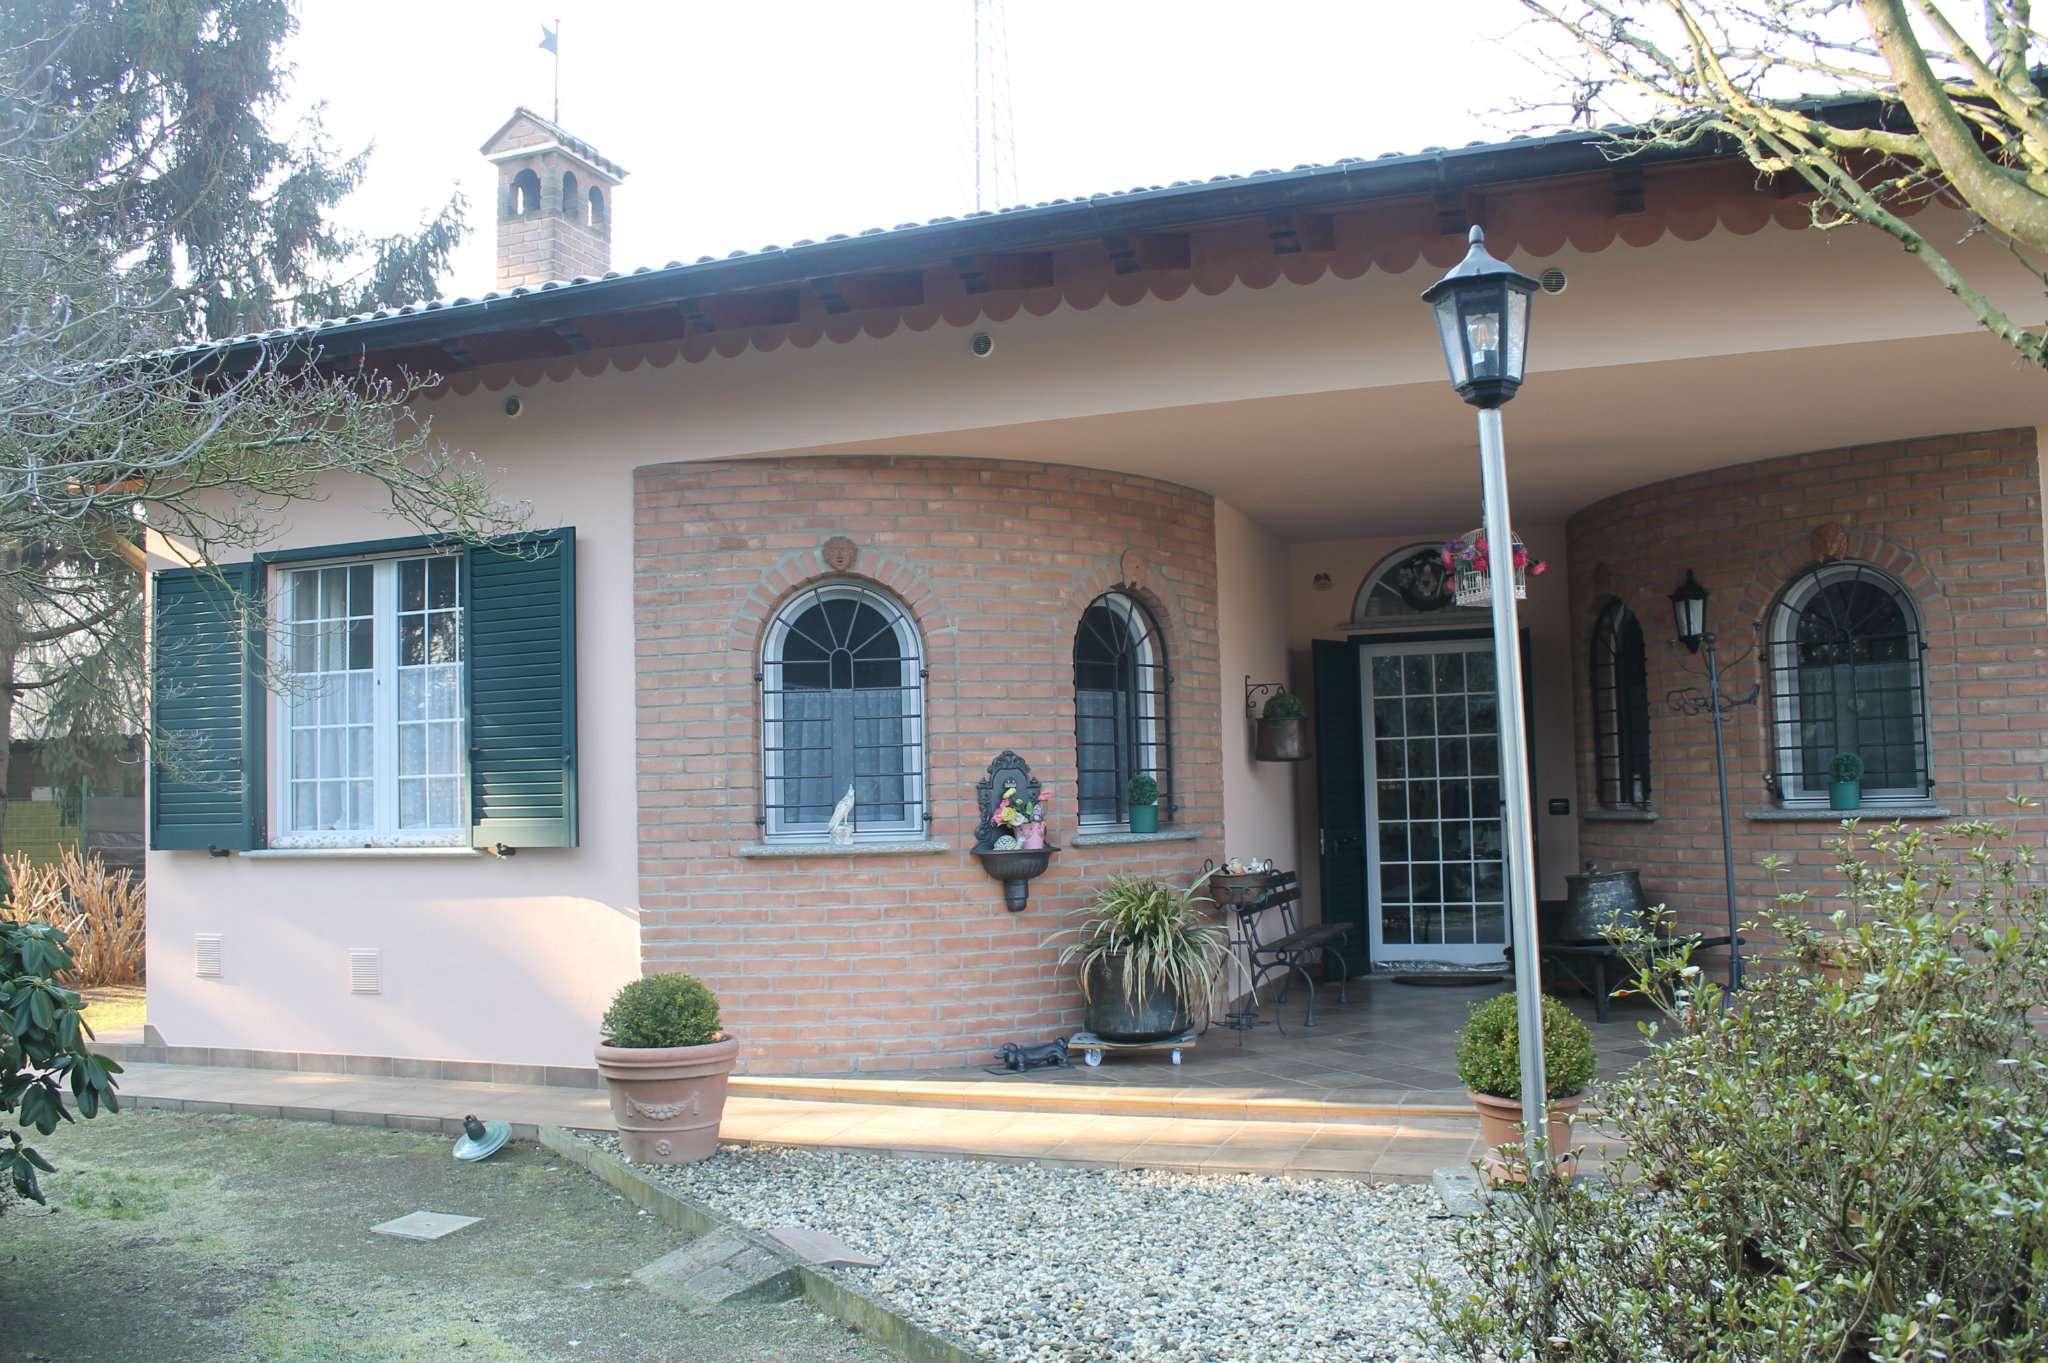 Villa in vendita a Alagna, 9 locali, prezzo € 355.000   CambioCasa.it